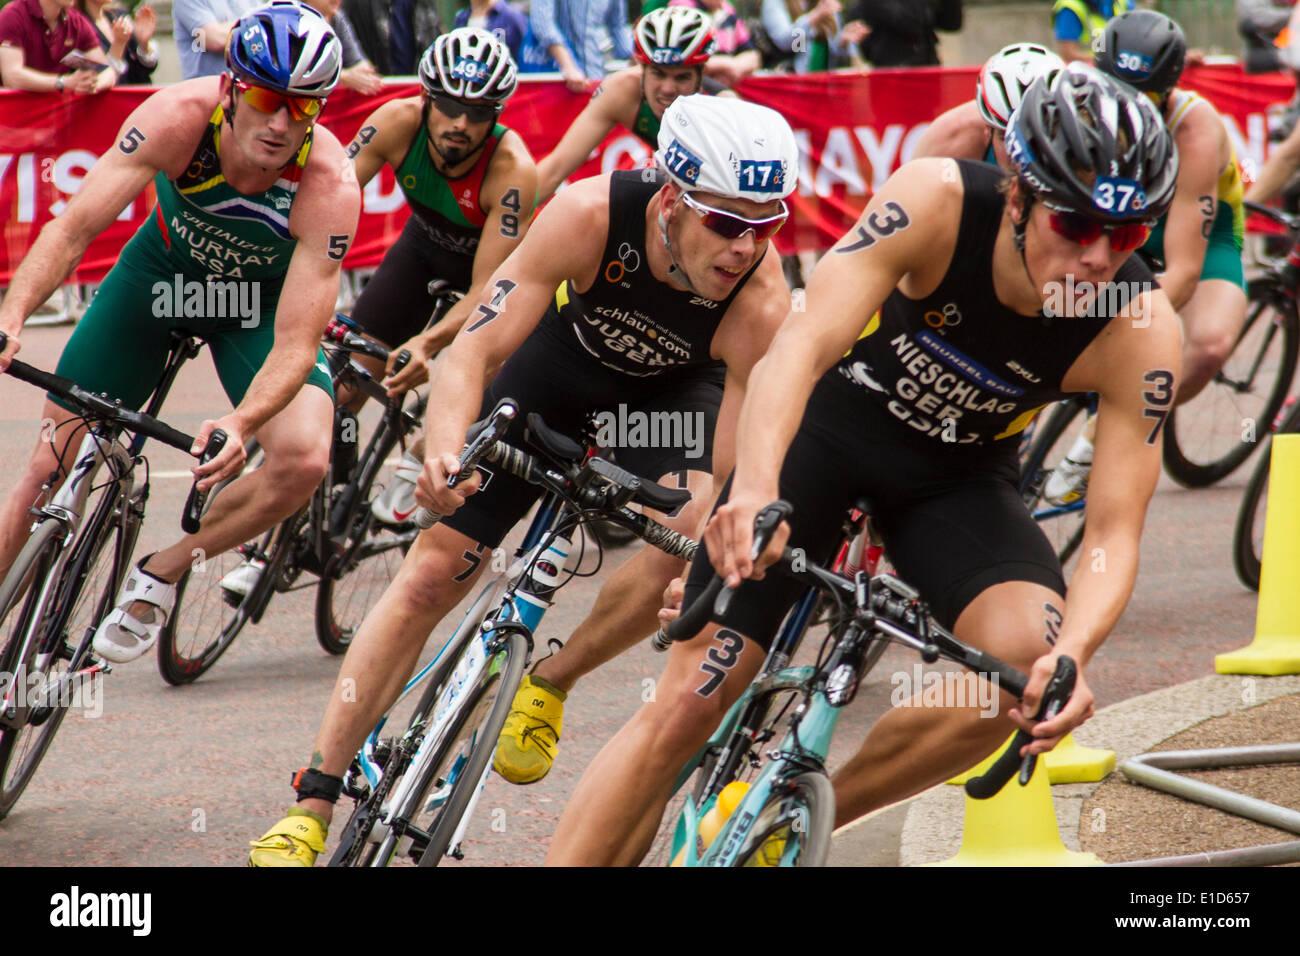 Concorrenti sul ciclismo gamba del ITU Triathlon World Series event, Londra UK. Immagini Stock